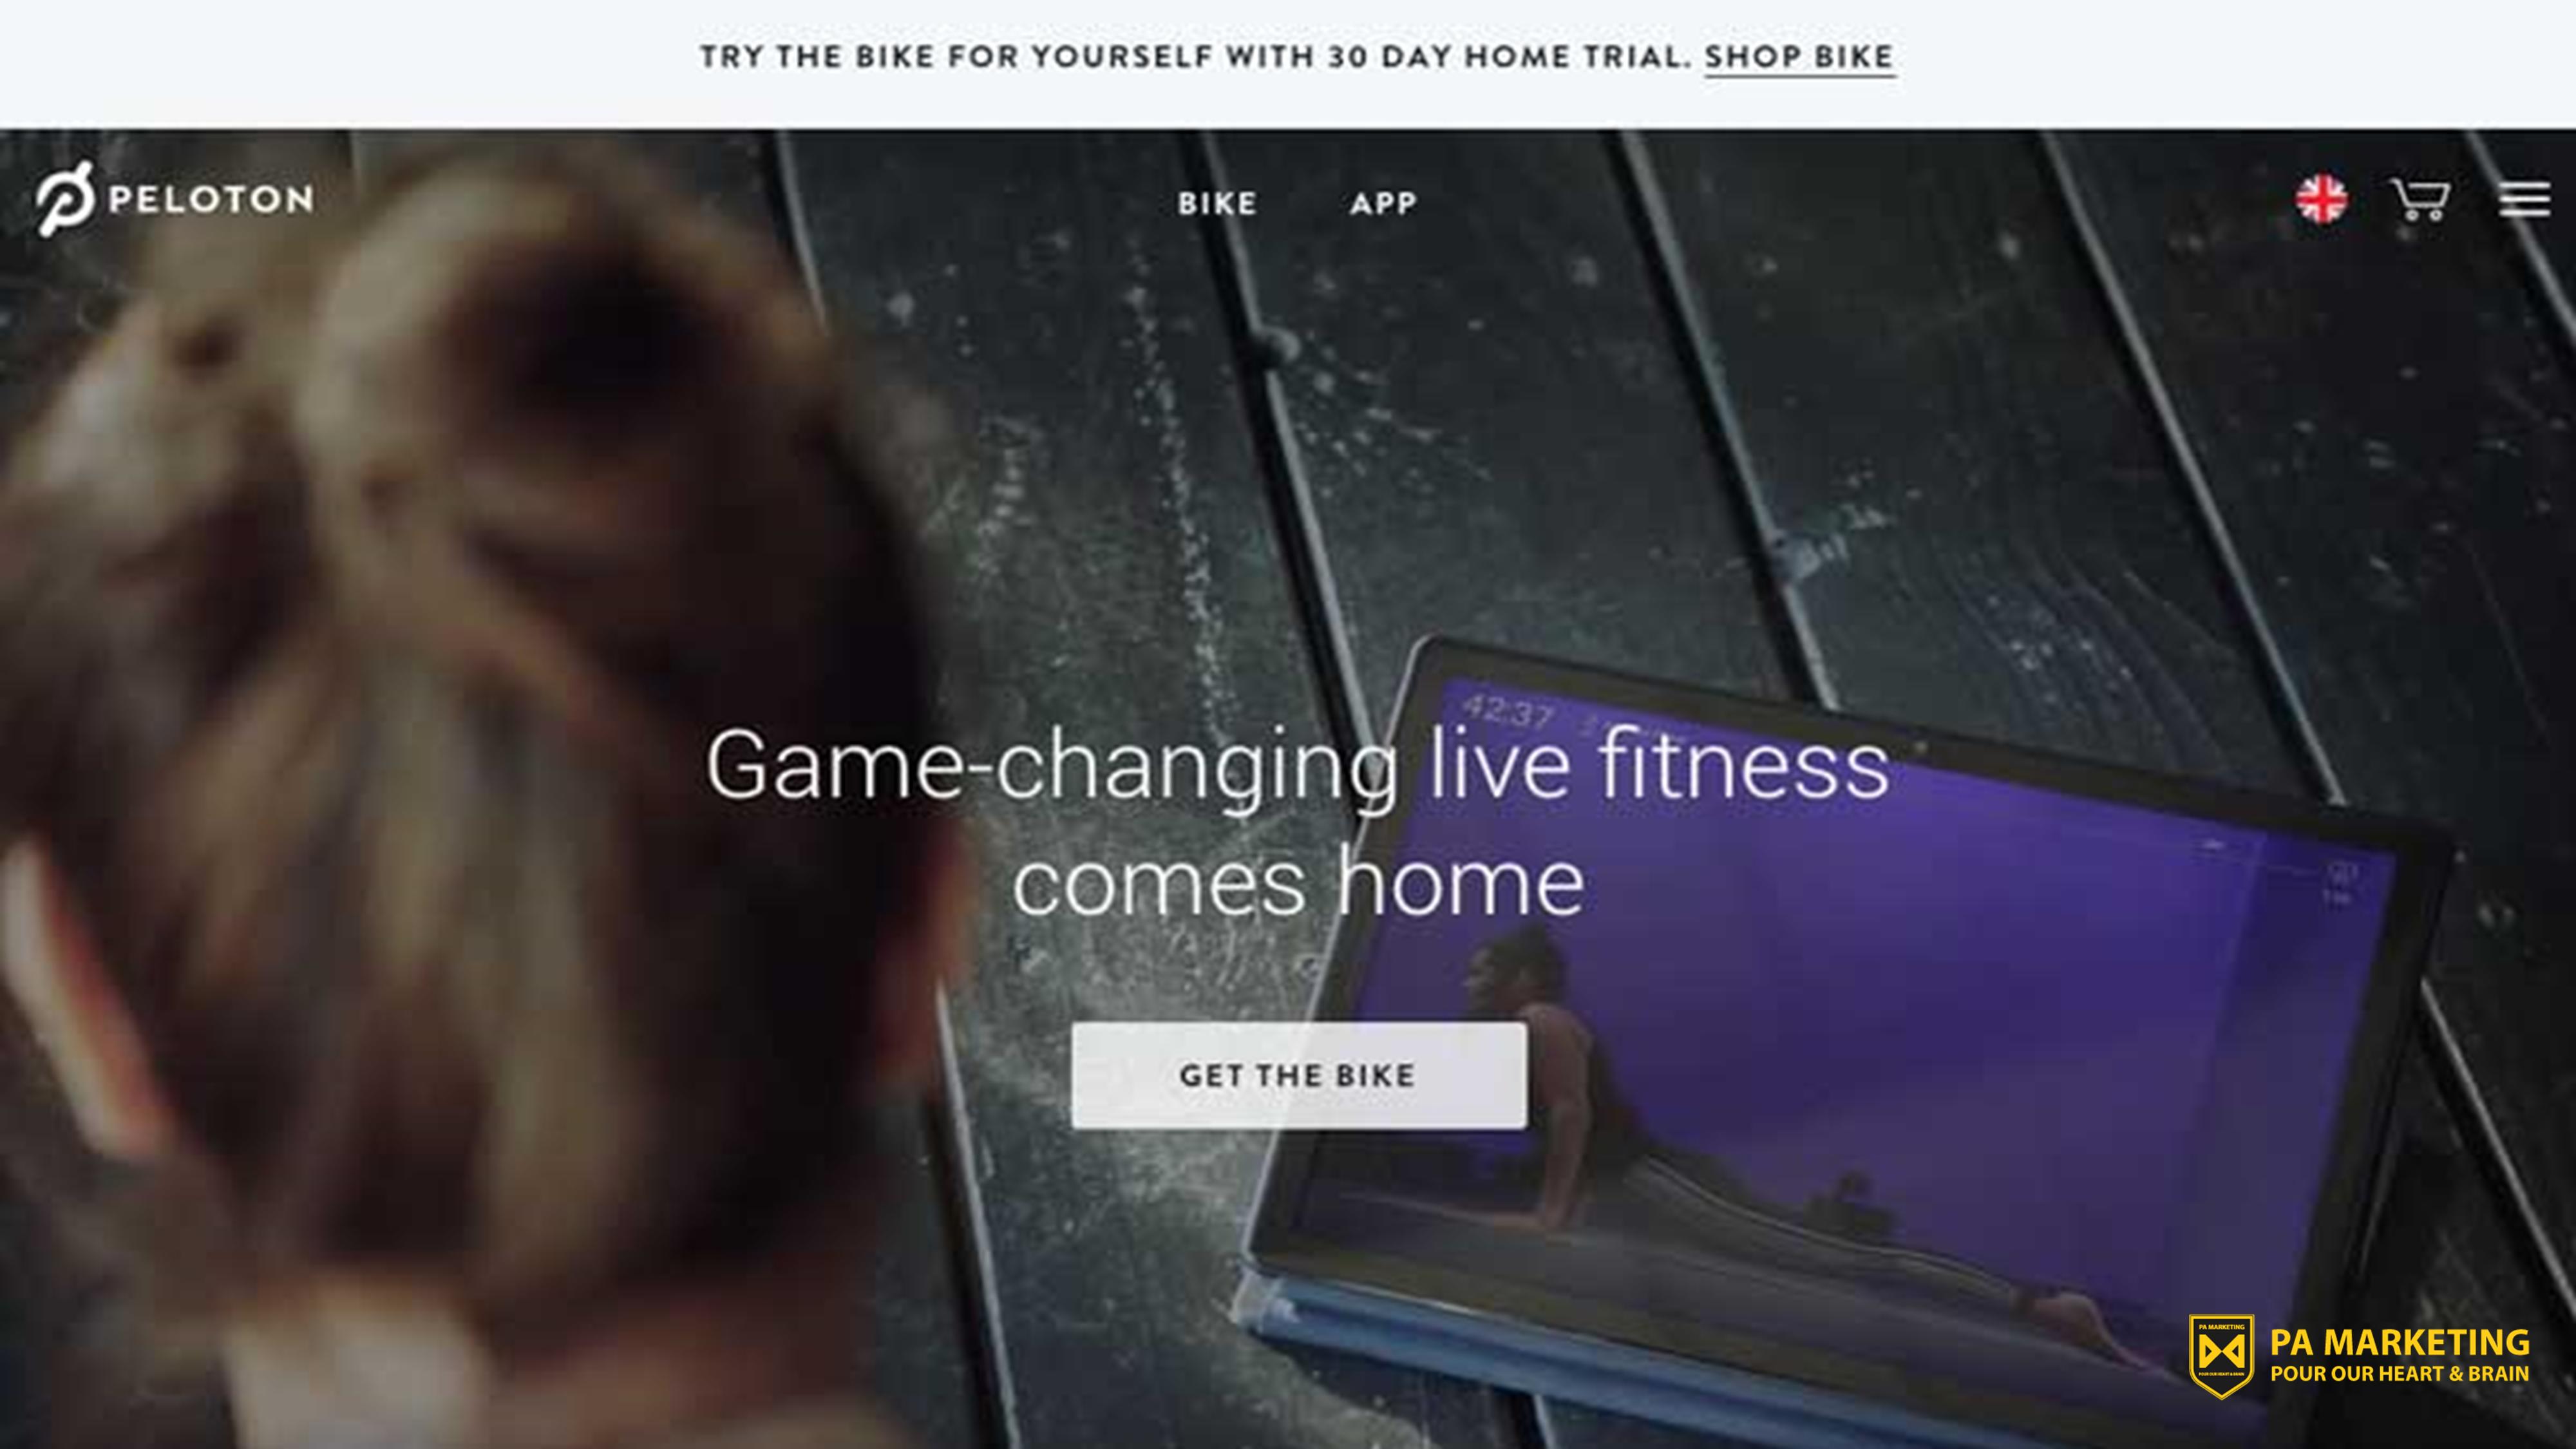 Mô hình kinh doanh đăng ký Peloton để tập thể dục tại nhà